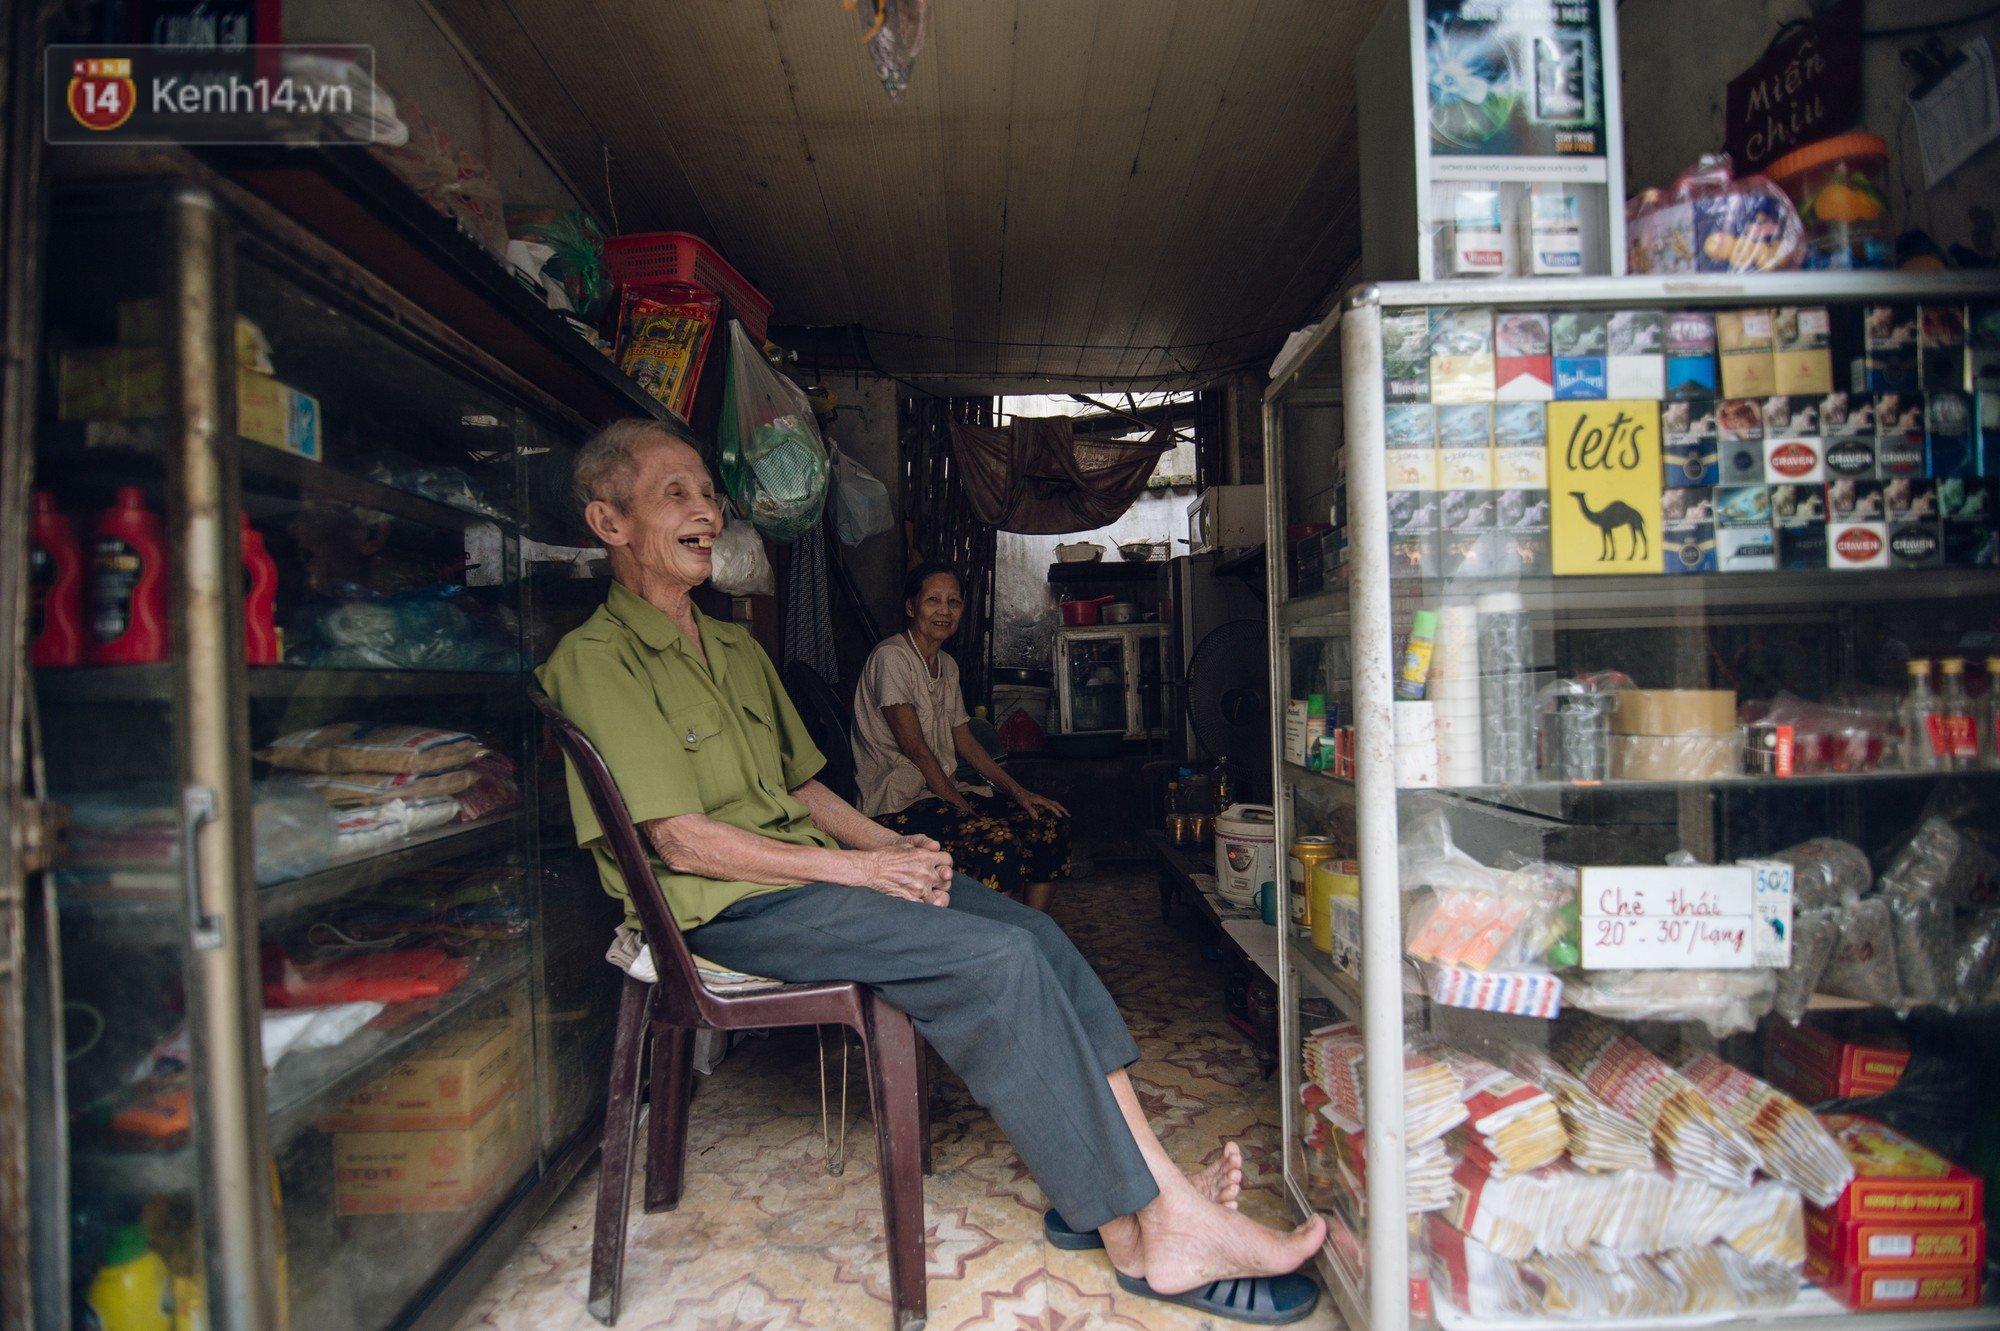 Chuyện về một con phố có nhiều cổng làng nhất Hà Nội: Đưa chân qua cổng phải tôn trọng nếp làng 13